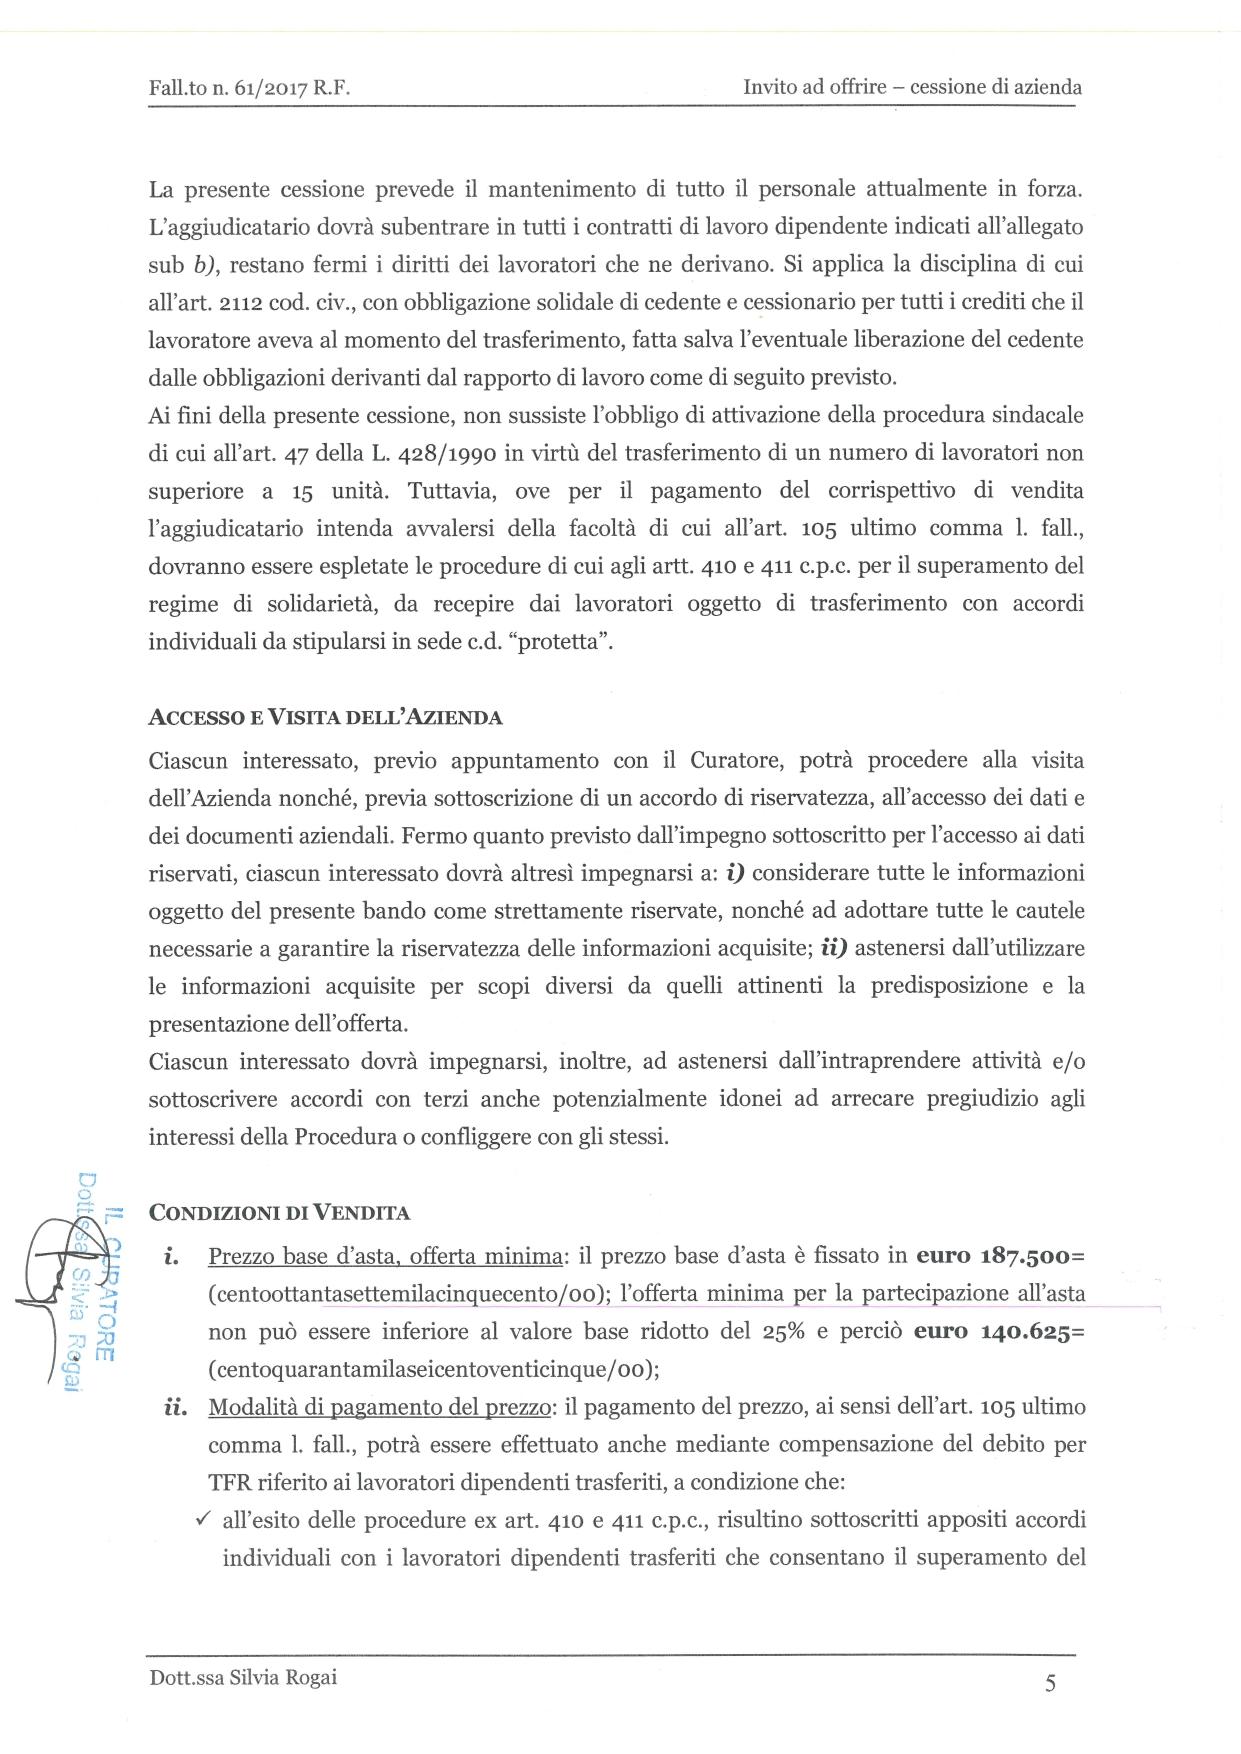 Fall. 61/2017 Trib. di Prato - Cessione azienda operat in vendita - foto 5